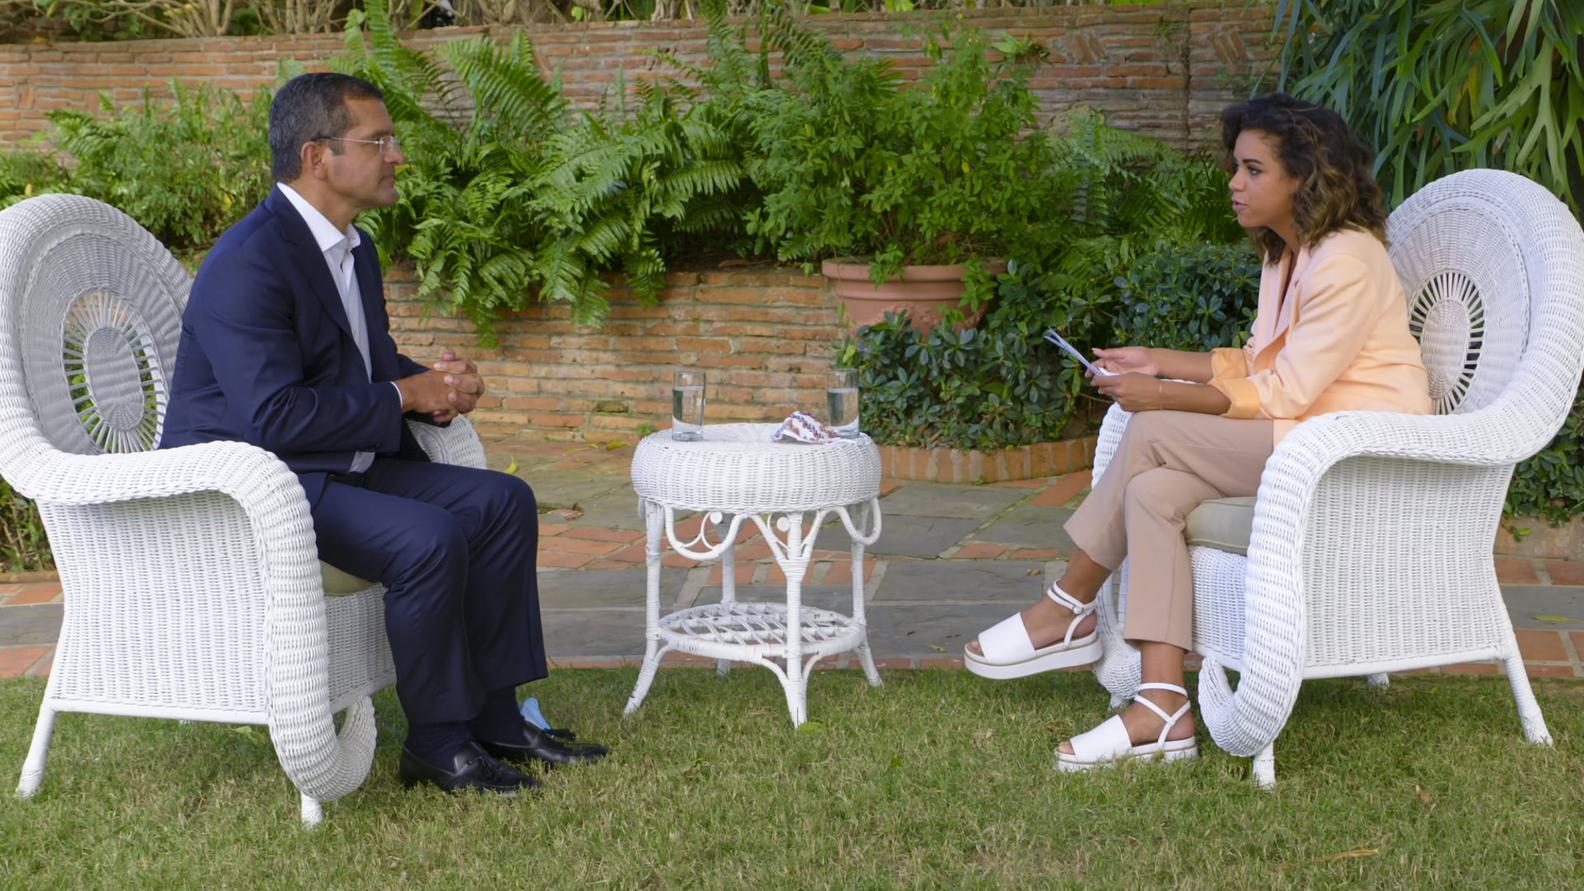 Governor of Puerto Rico Pedro Pierluisi; Axios political reporter Alexi McCammond